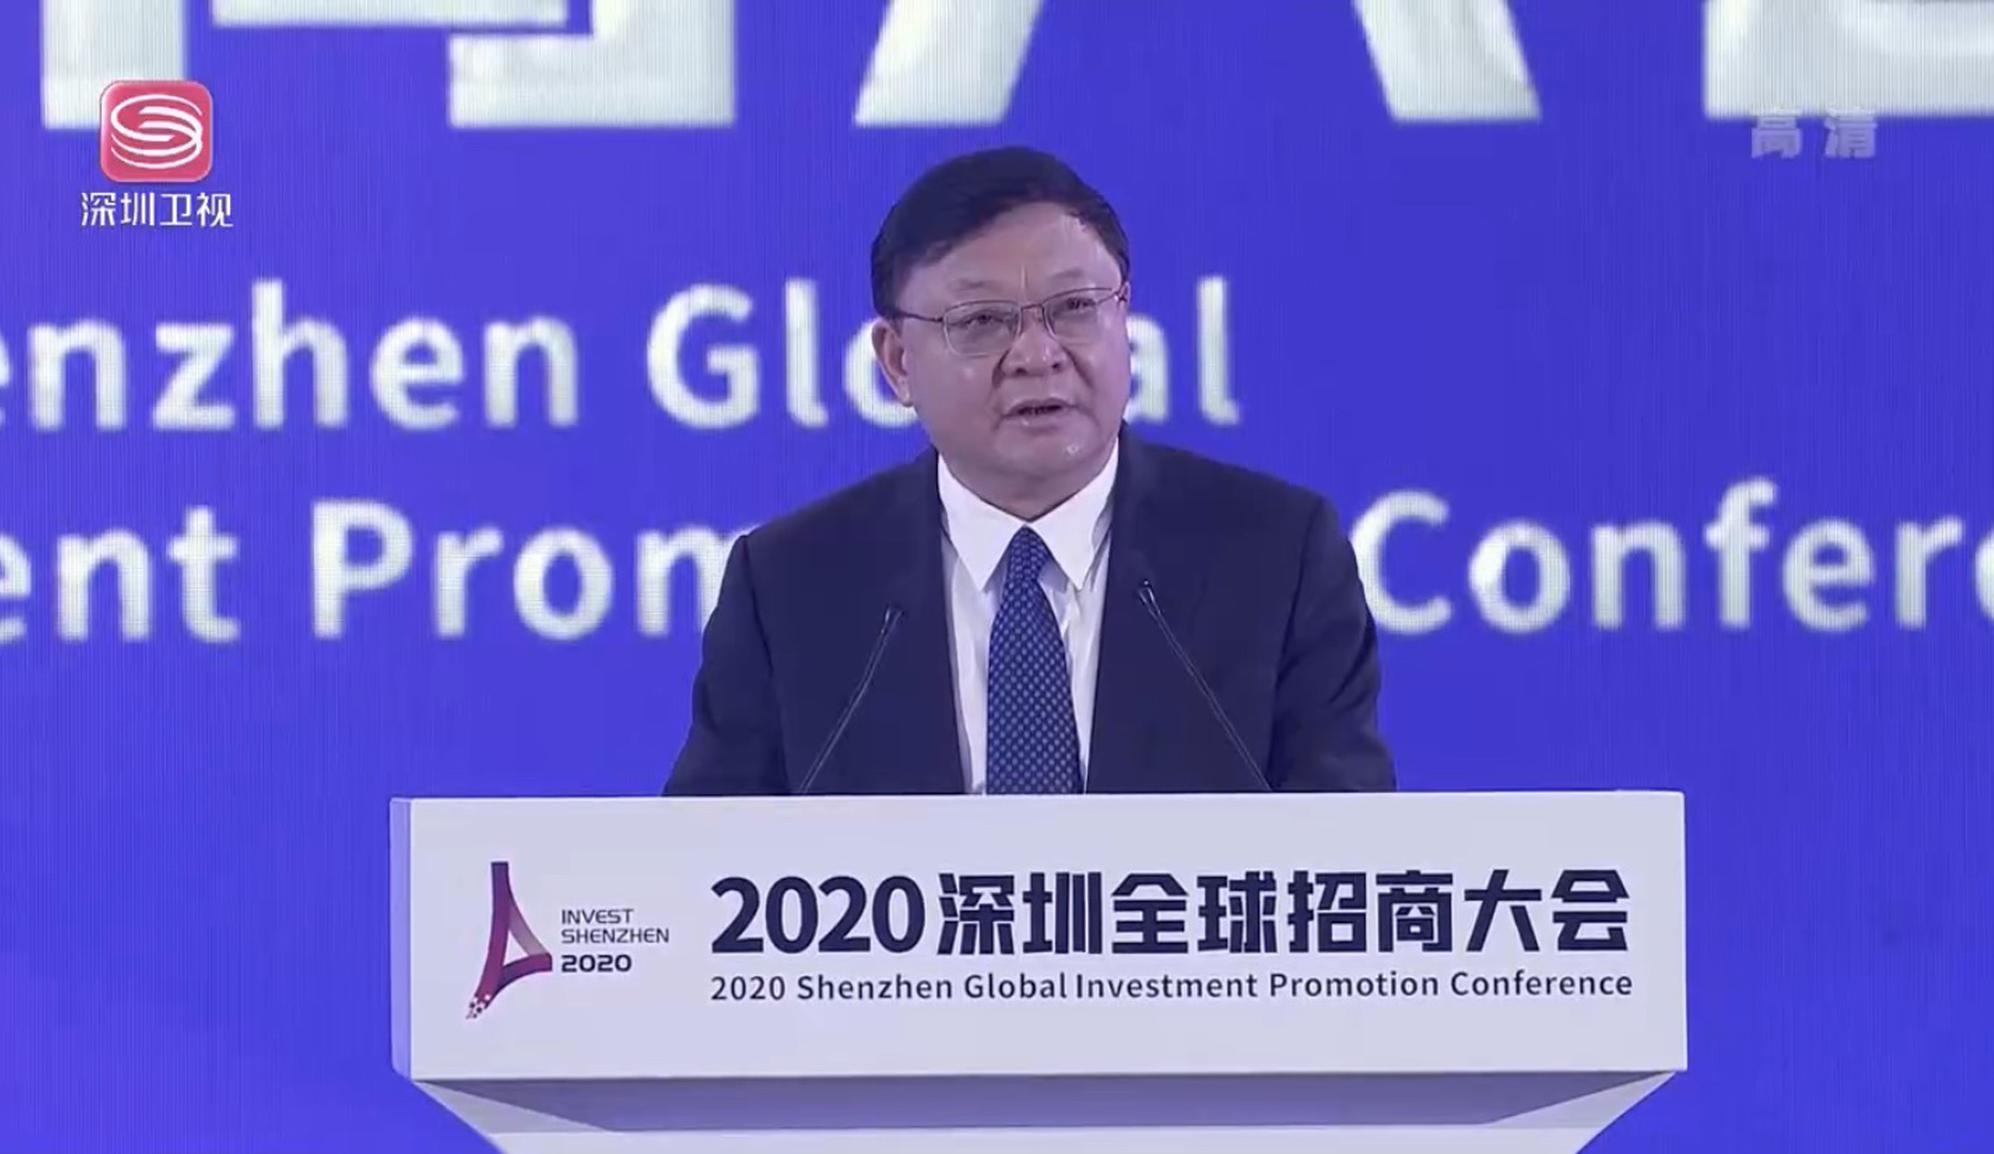 深圳市委书记再次承诺:优质项目一定有地可落!